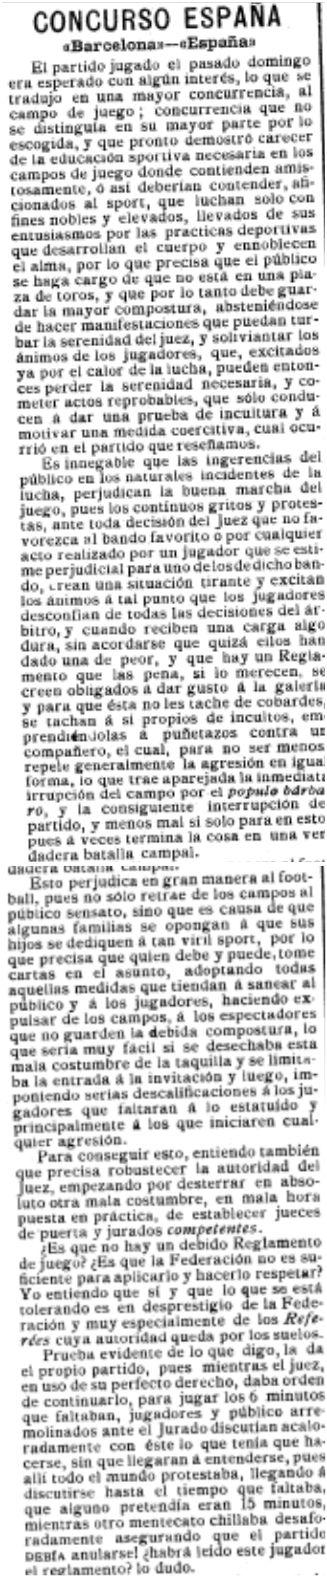 El Mundo Deportivo, 11/11/1909